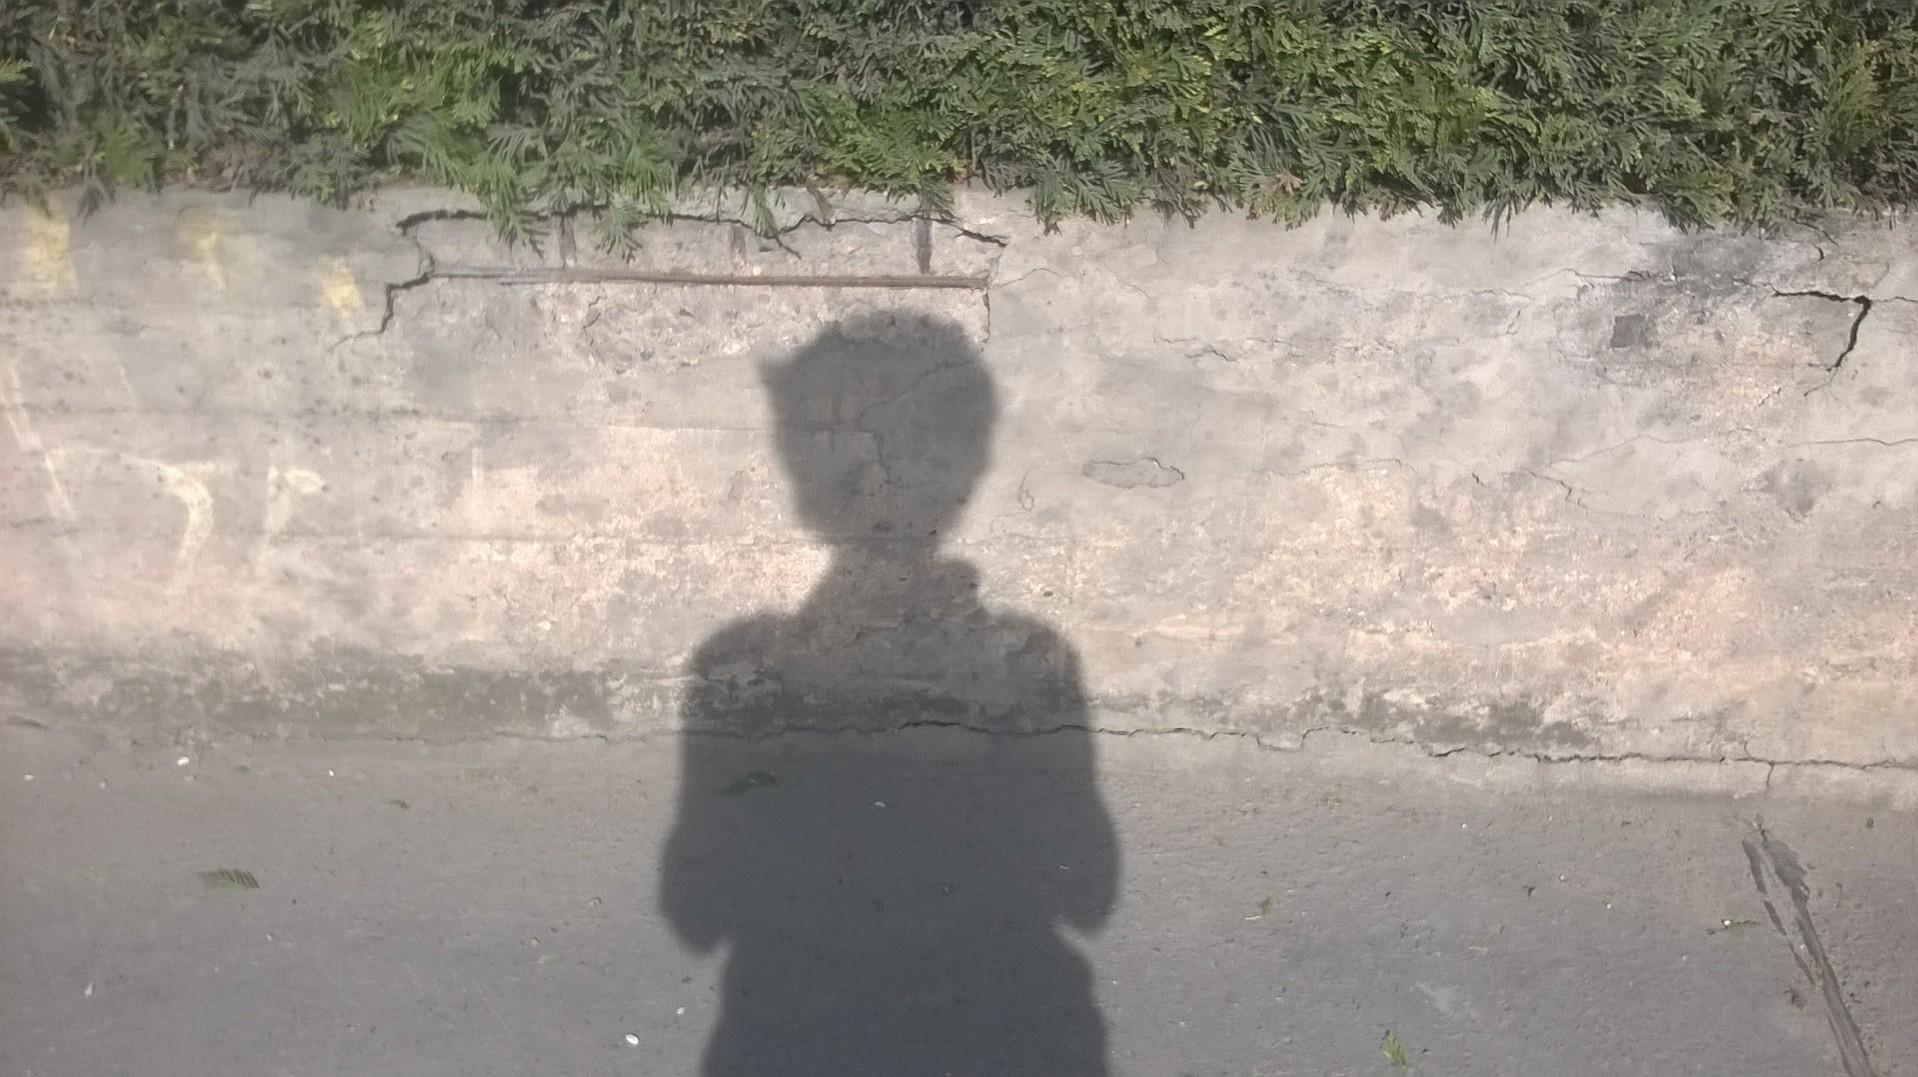 hikaru tenshin hokonono shadow